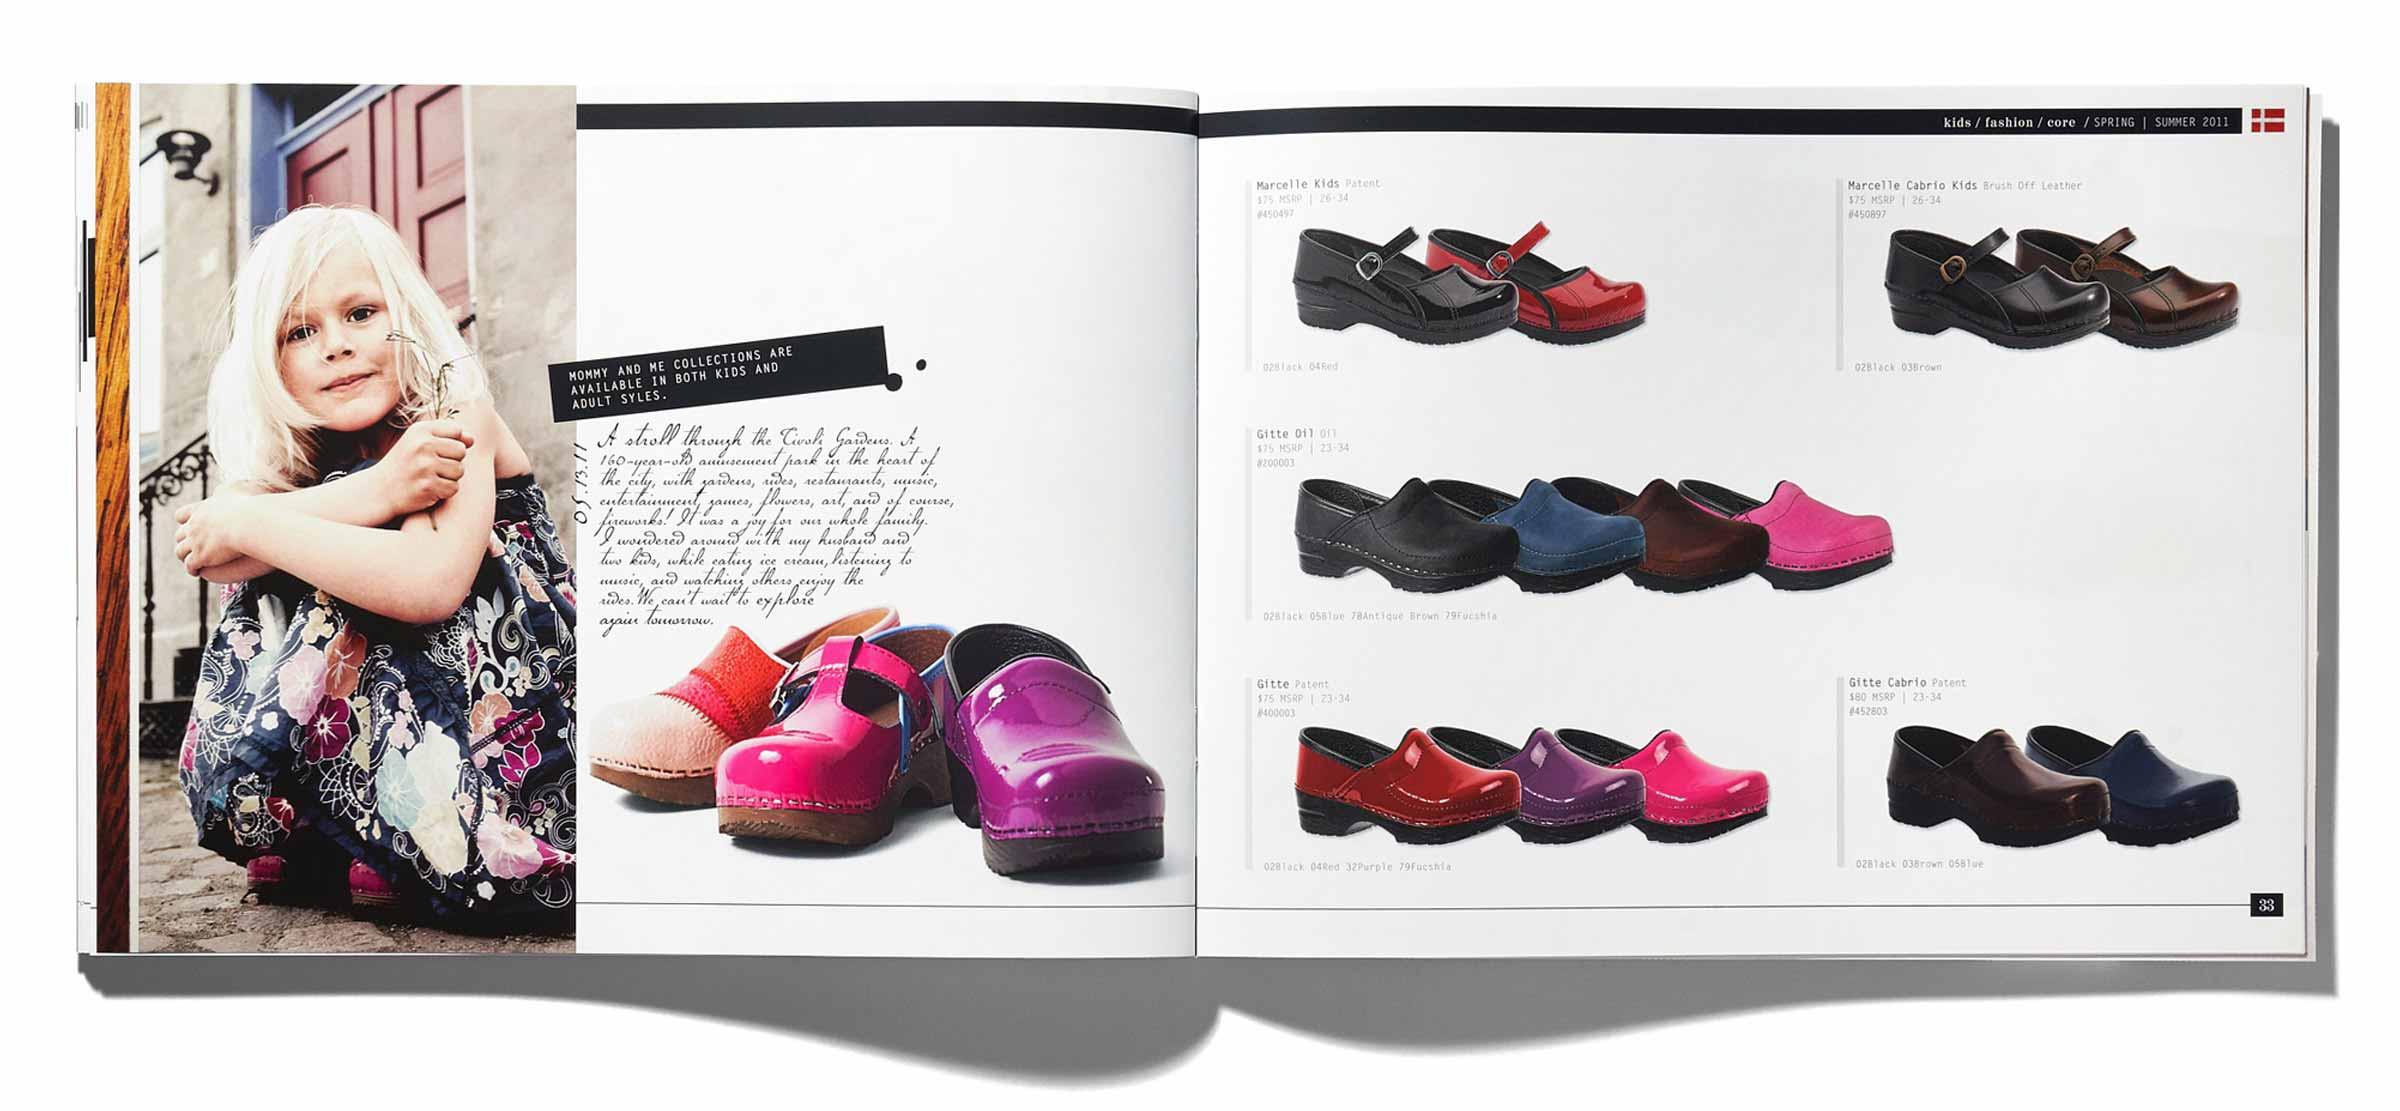 Sanita Shoes Catalog Spread